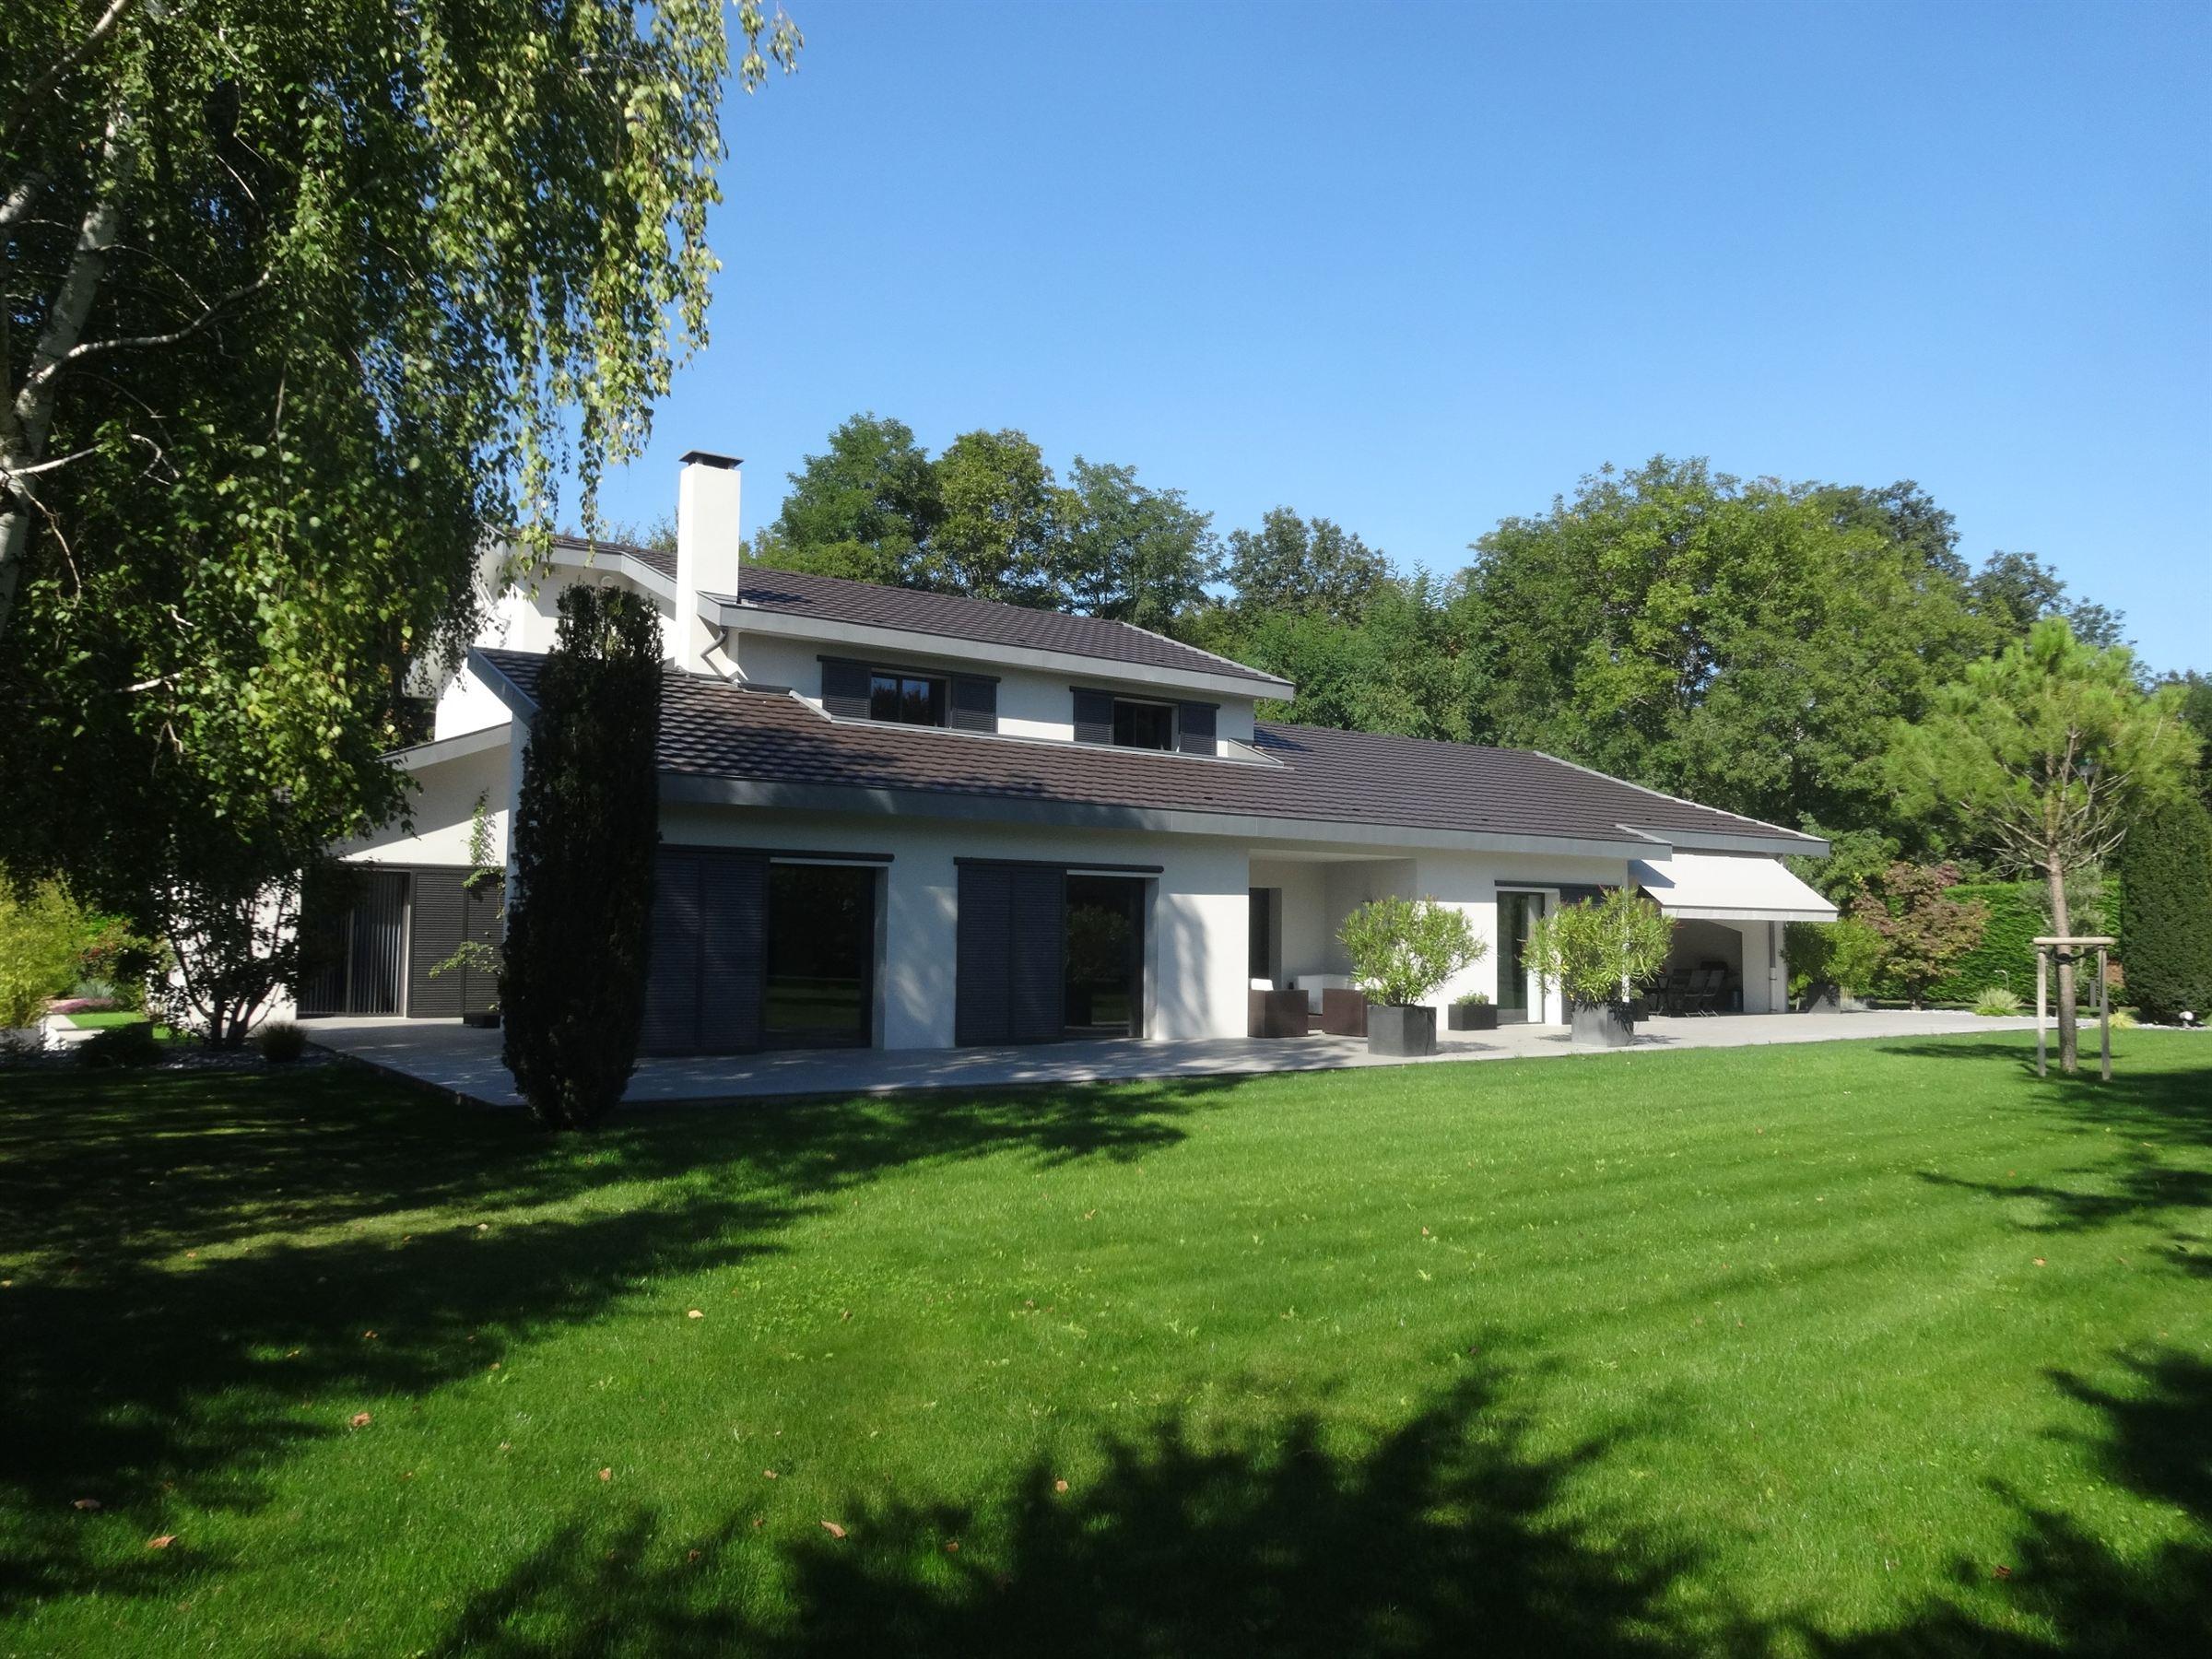 Property For Sale at à 20 minutes de l'Aeroport de LYON belle maison contemporaine